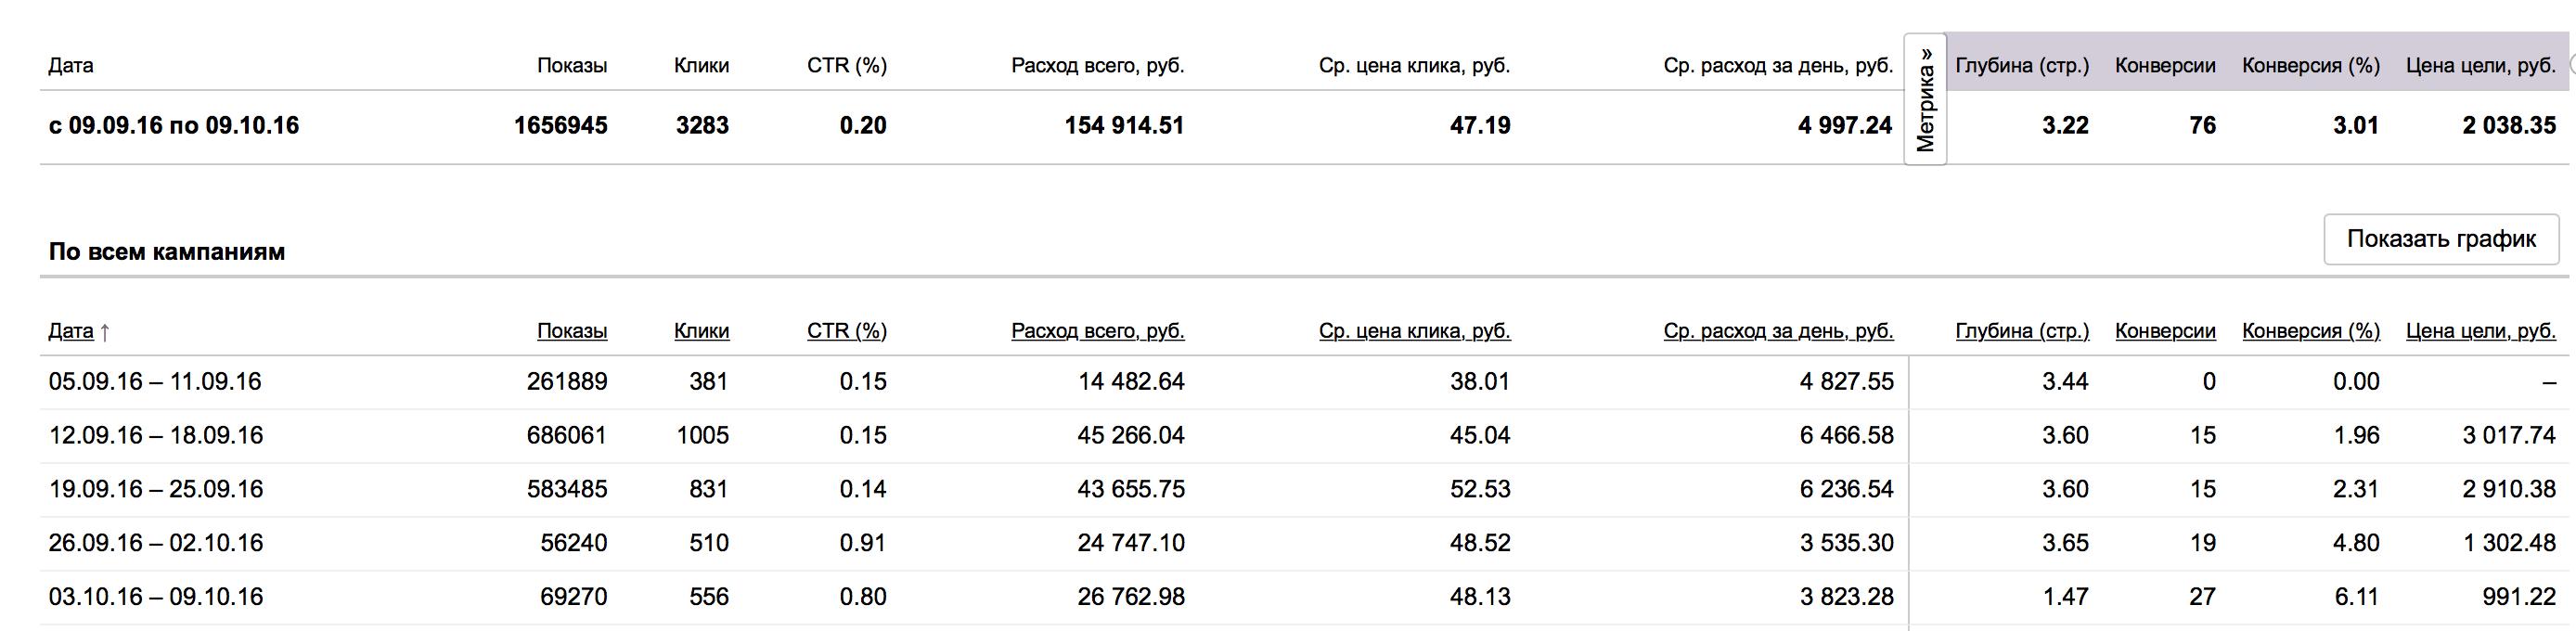 Результаты улучшения кампании - работа с третьей недели